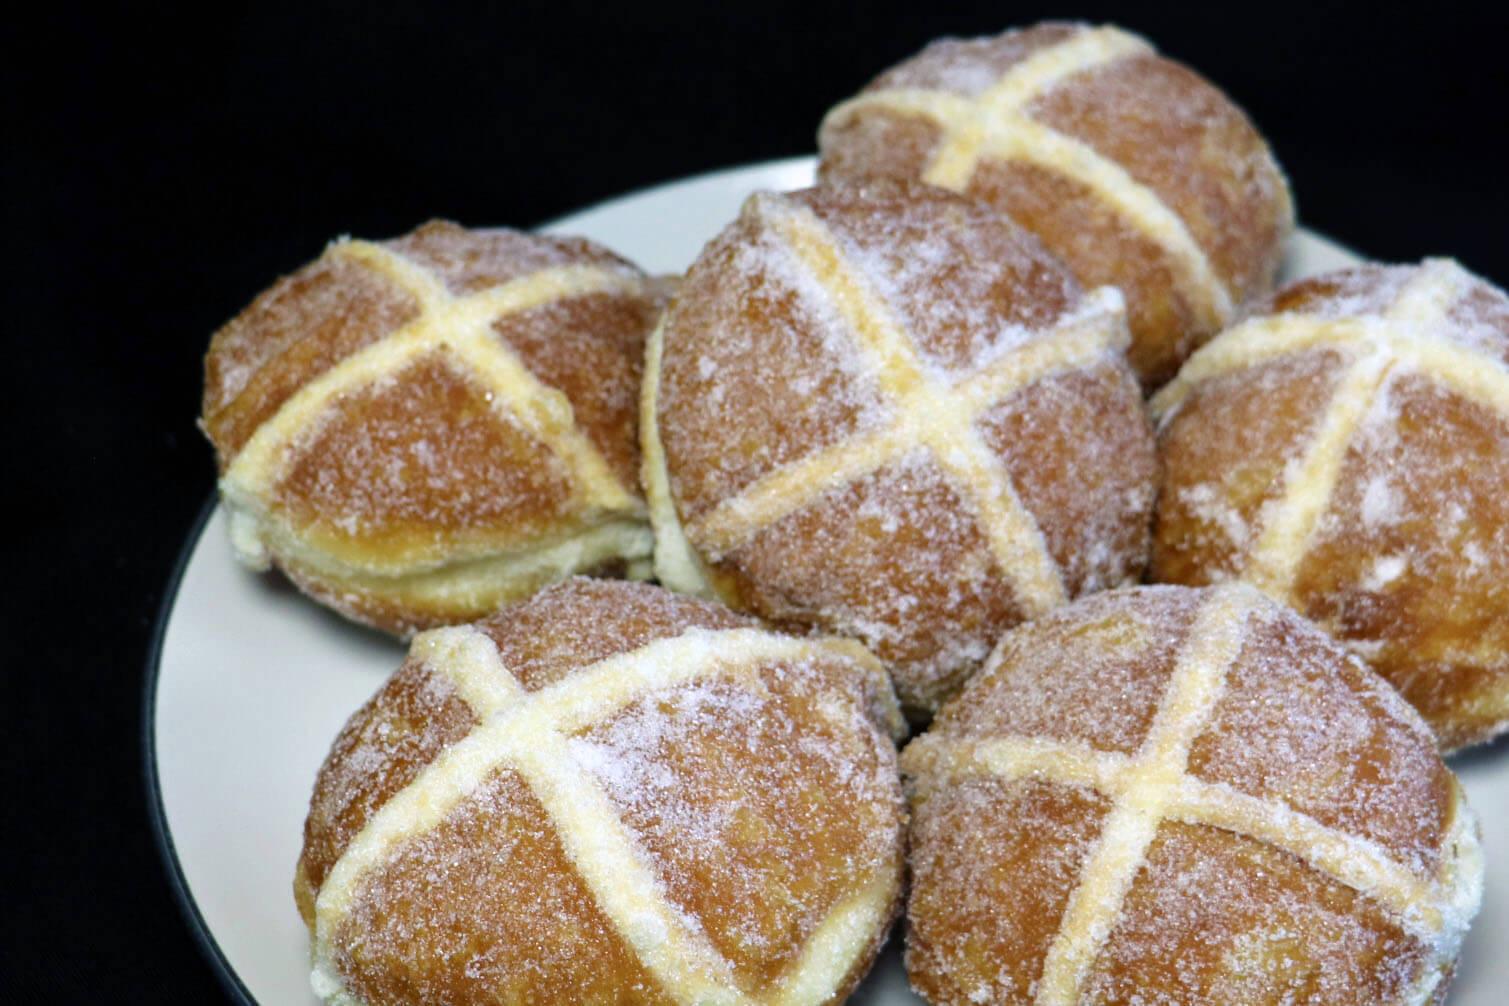 Hot Cross Bun Doughnuts